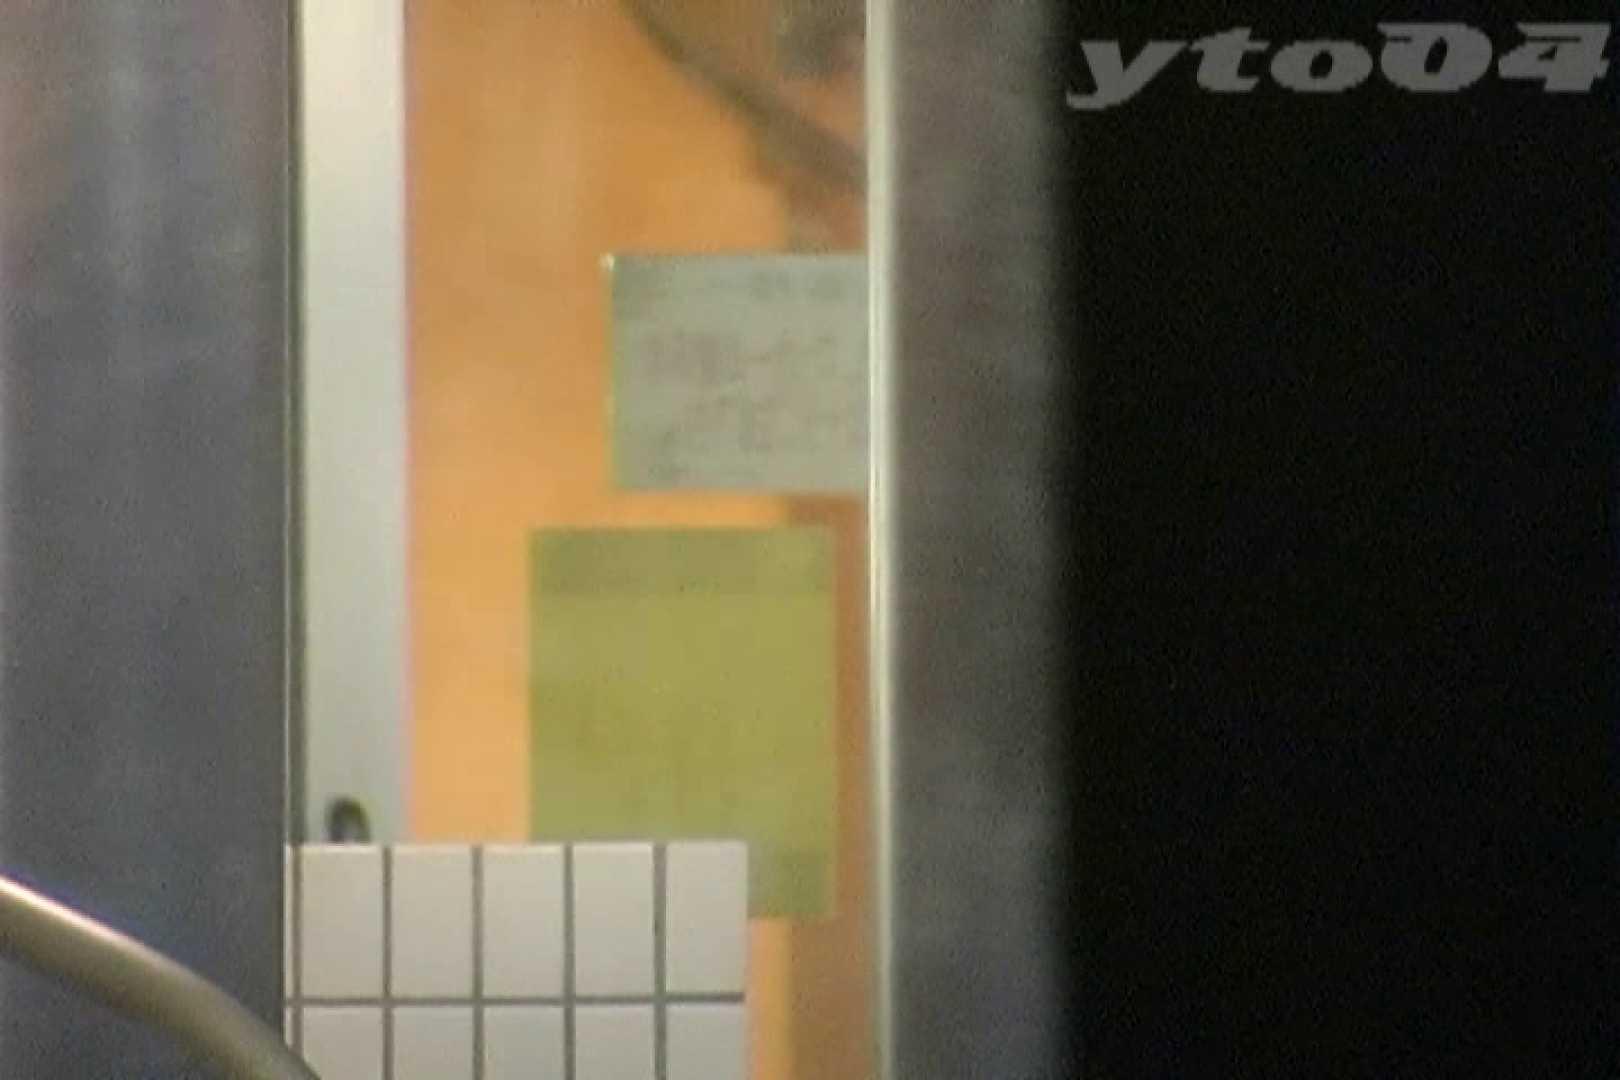 ▲復活限定▲合宿ホテル女風呂盗撮 Vol.24 合宿 アダルト動画キャプチャ 74画像 54